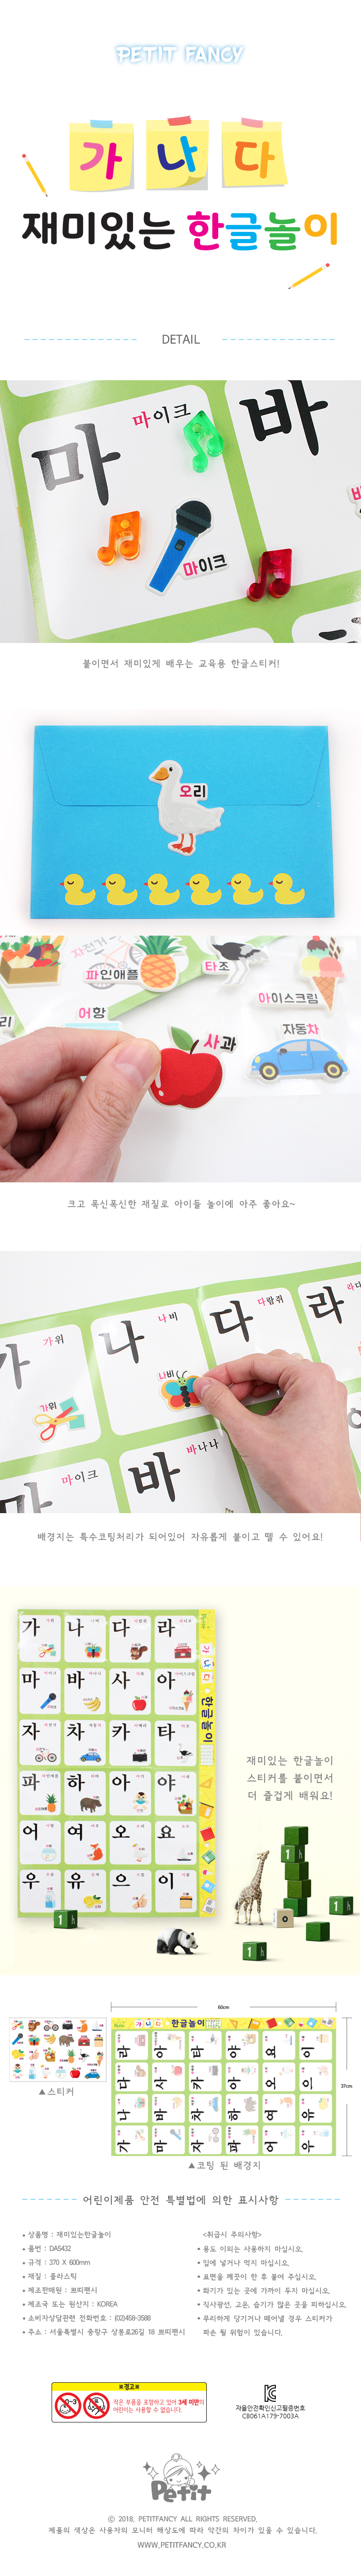 DA5432_EducationalKorea.jpg